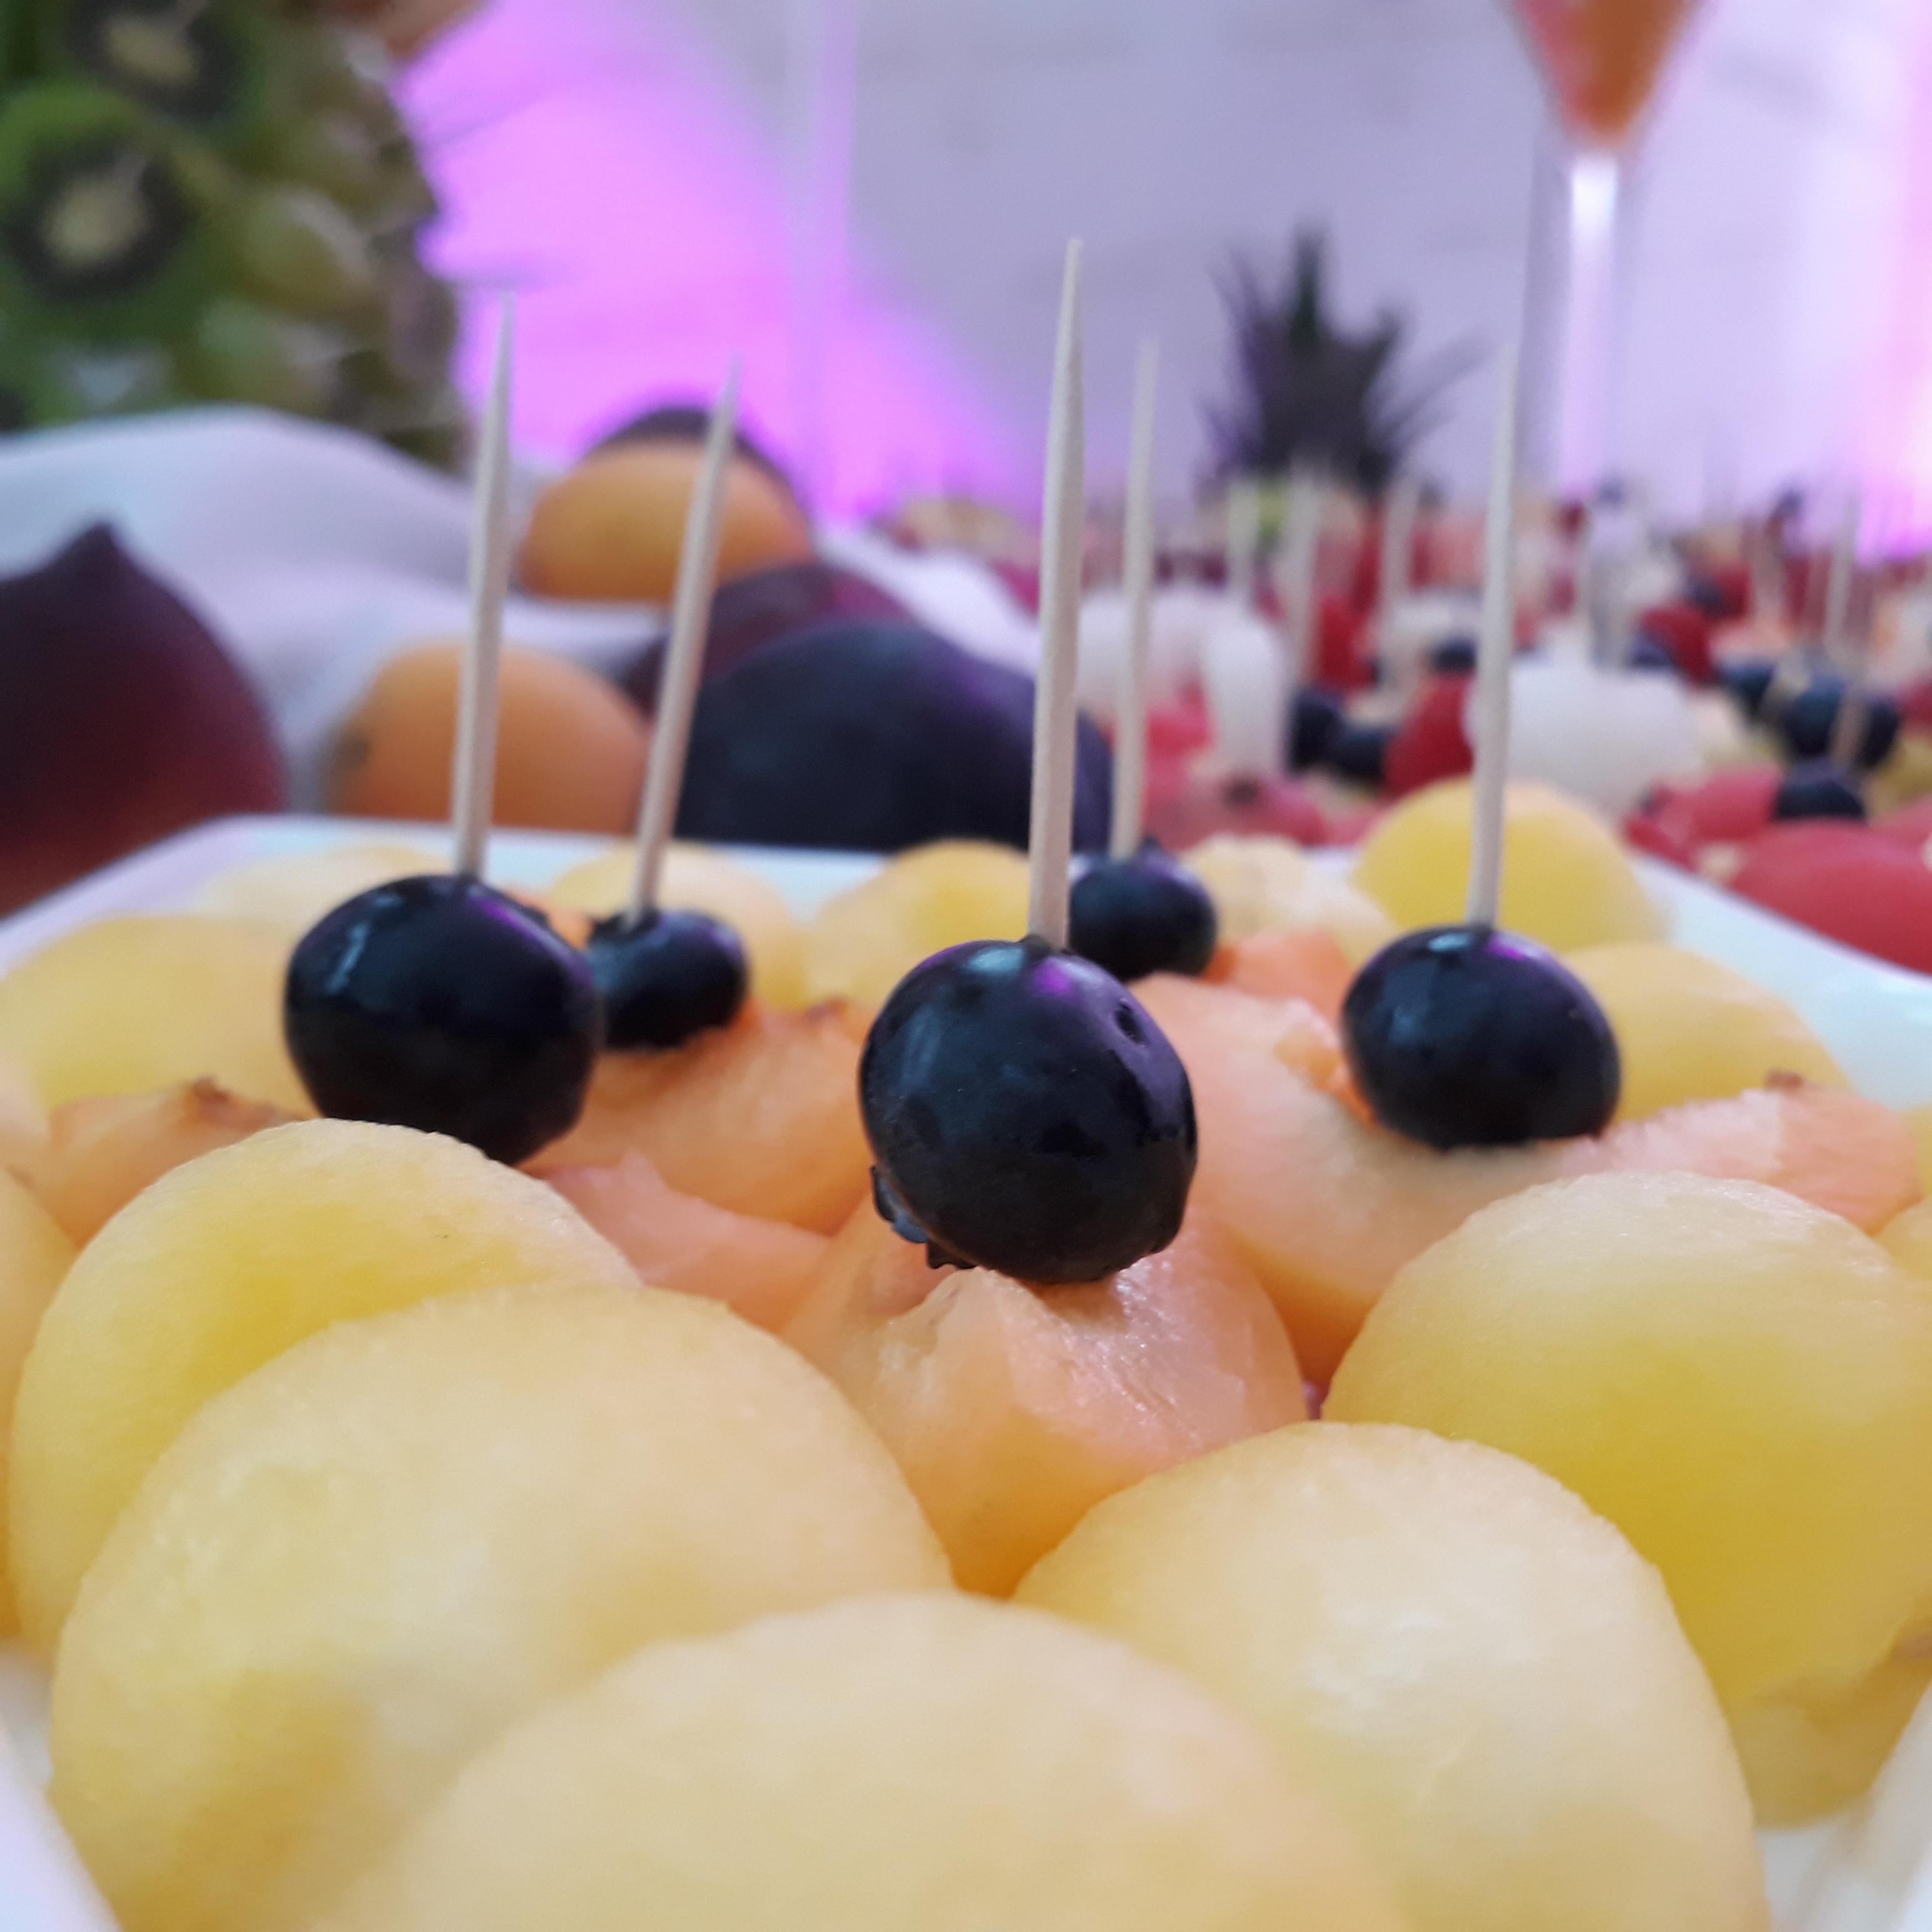 stół z owocami Koło, fruit carving, stół owocowy Konin, fruit bar, stół owocowy Turek, dekoracje owocowe, fruit bar,